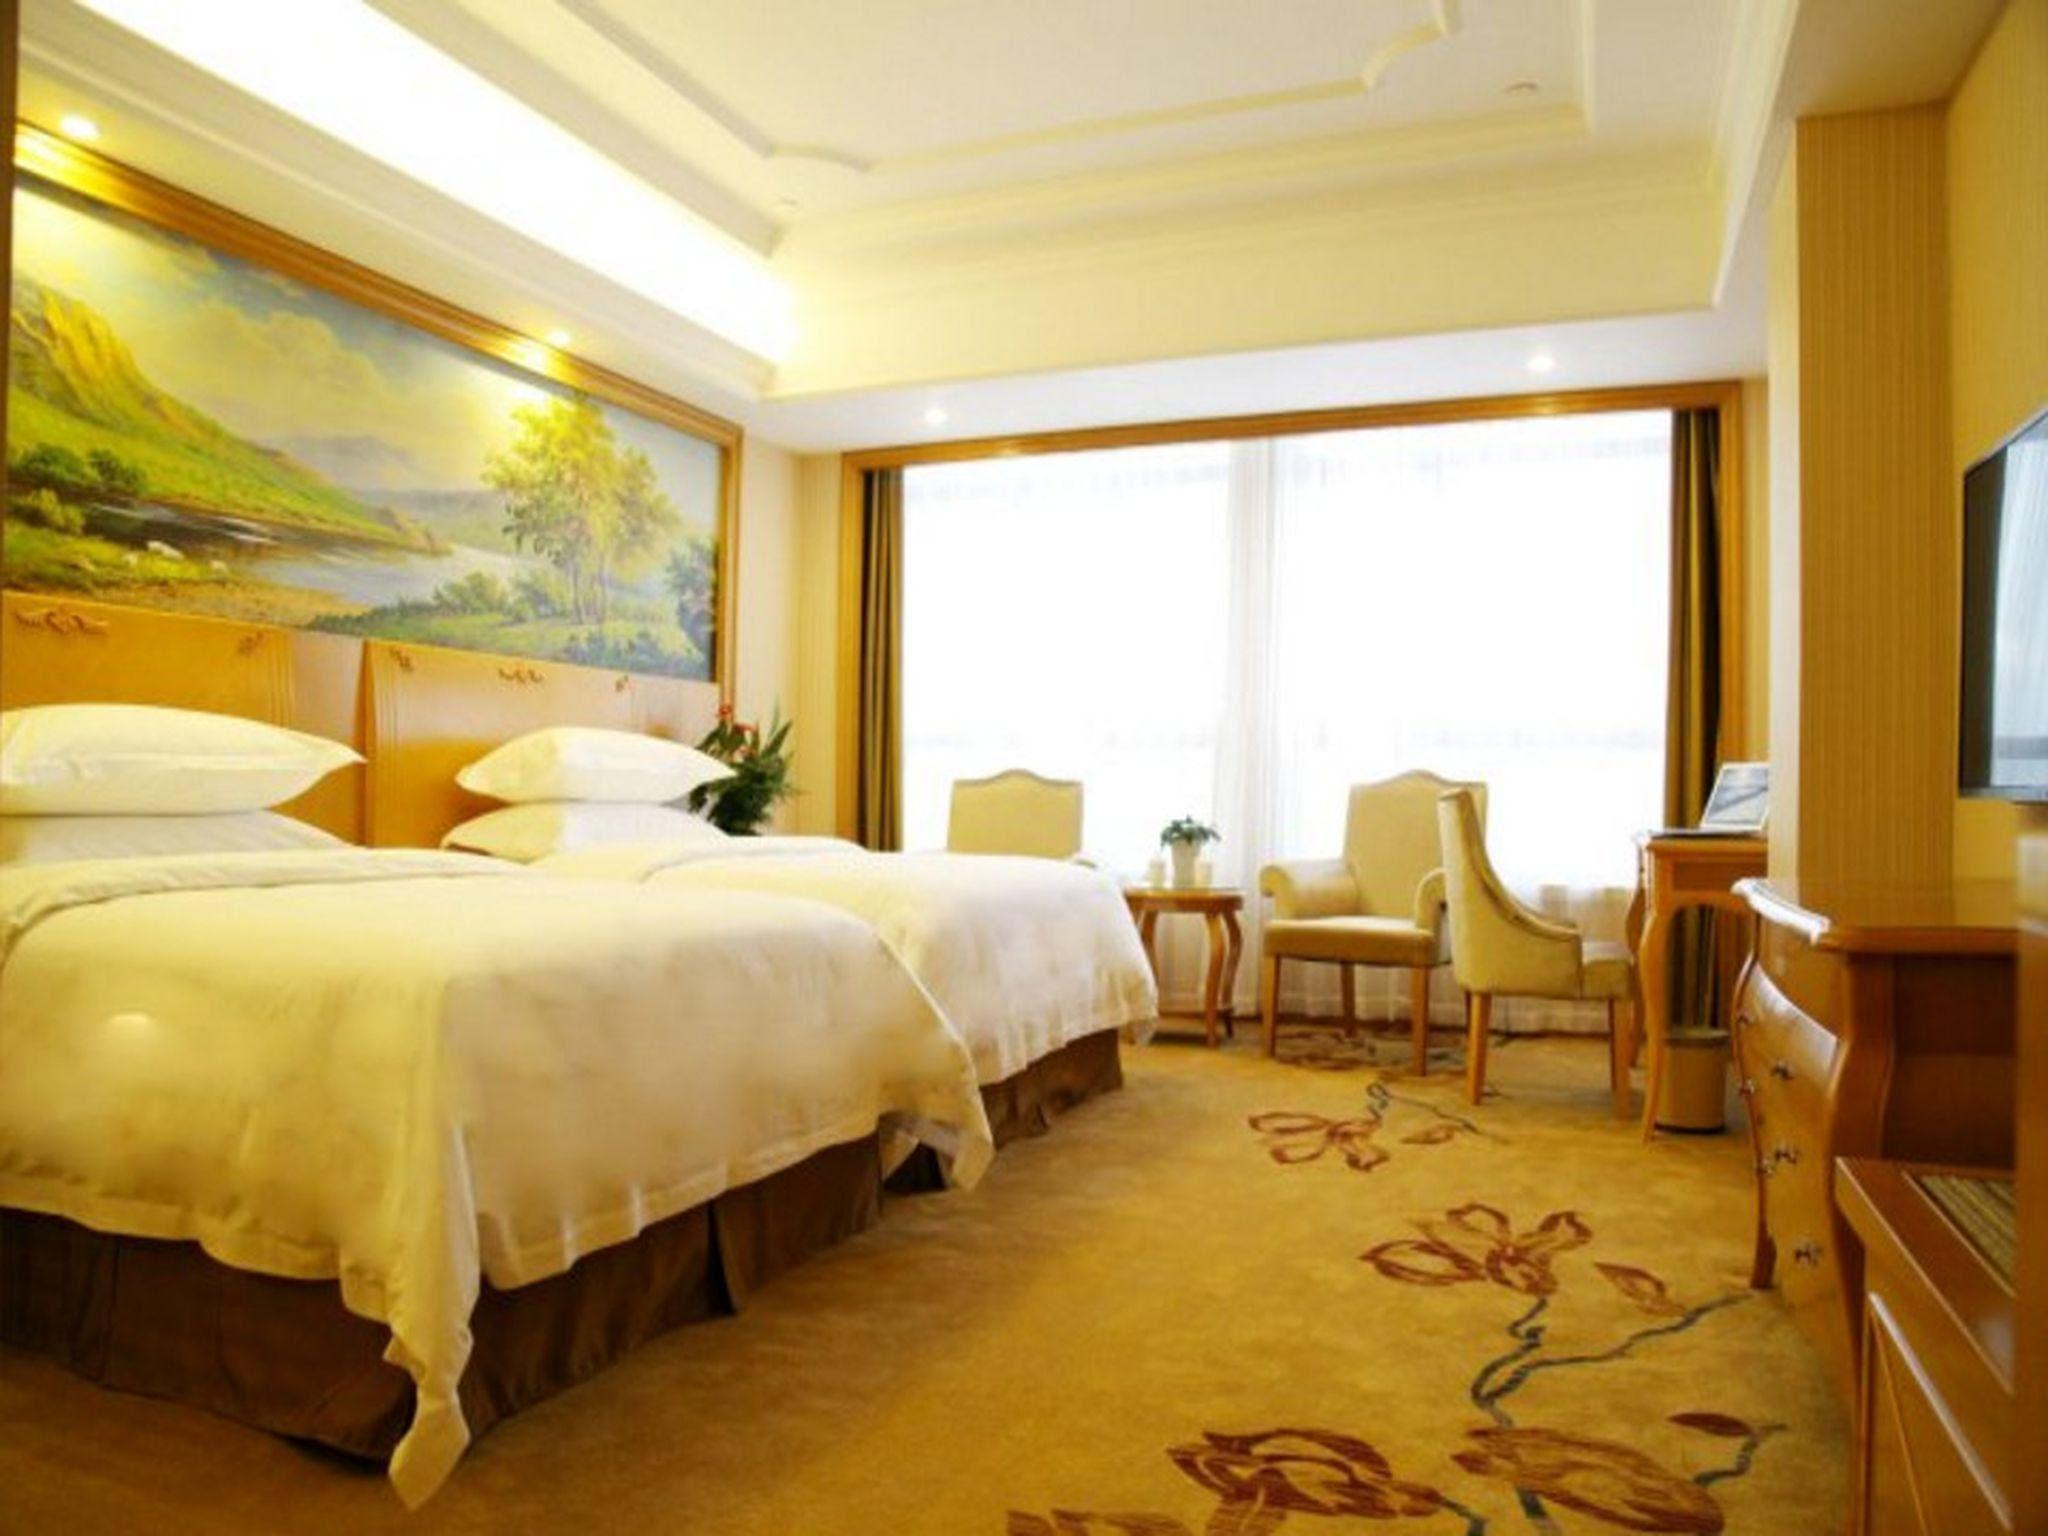 Vienna International Hotel Meizhou Spindle Bridge Branch Reviews